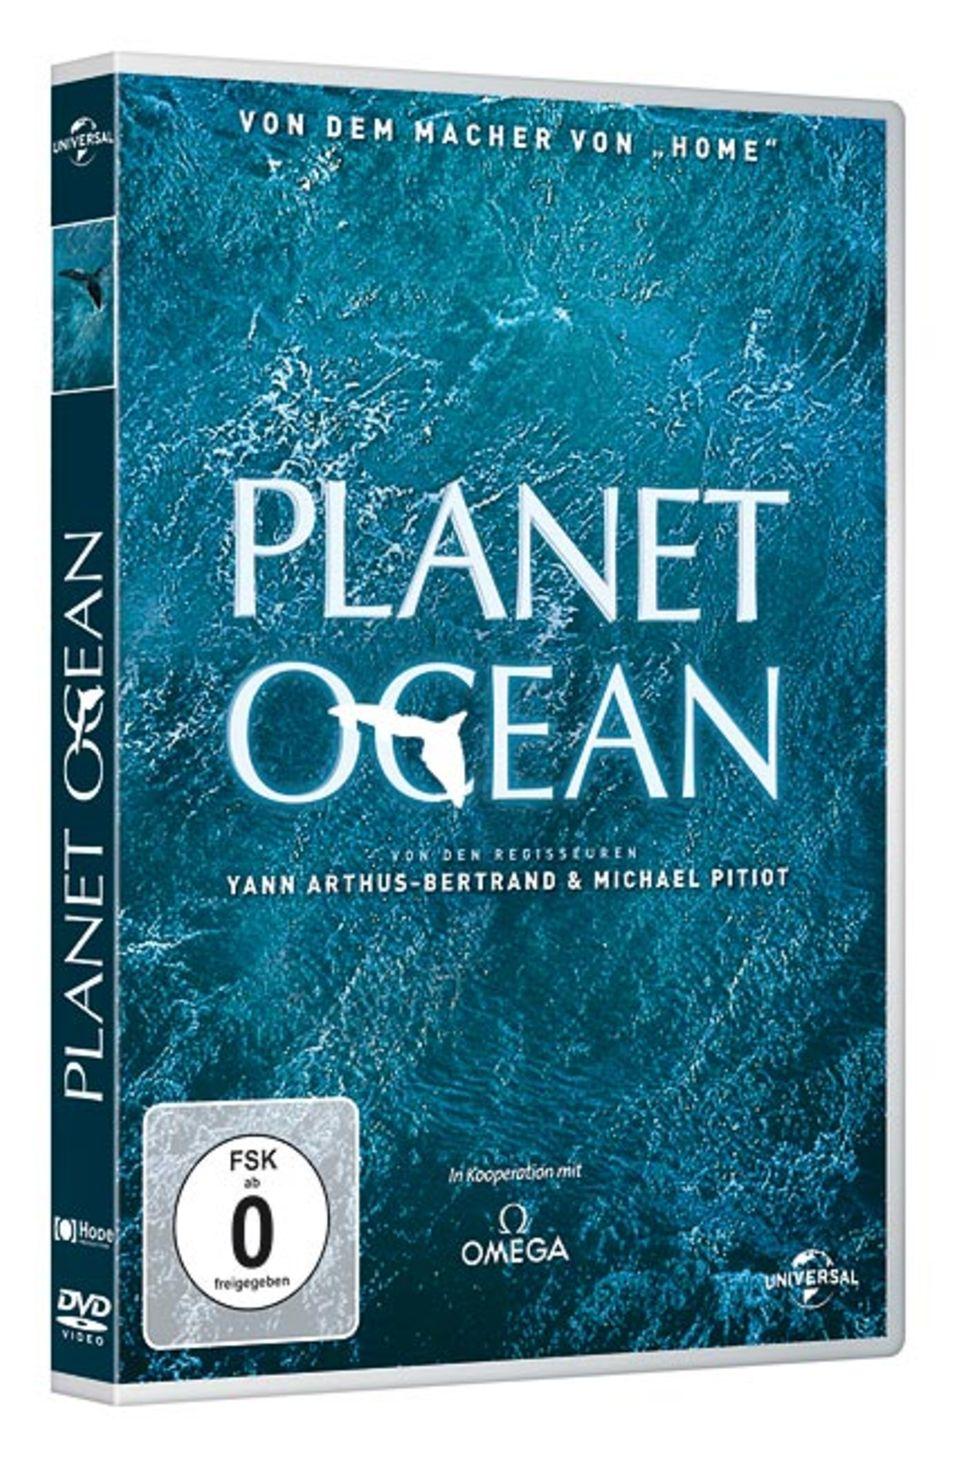 Umweltschutz: Planet Ocean Von Yann Arthus-Bertrand und Michael Pitiot (DVD/Blu-ray)